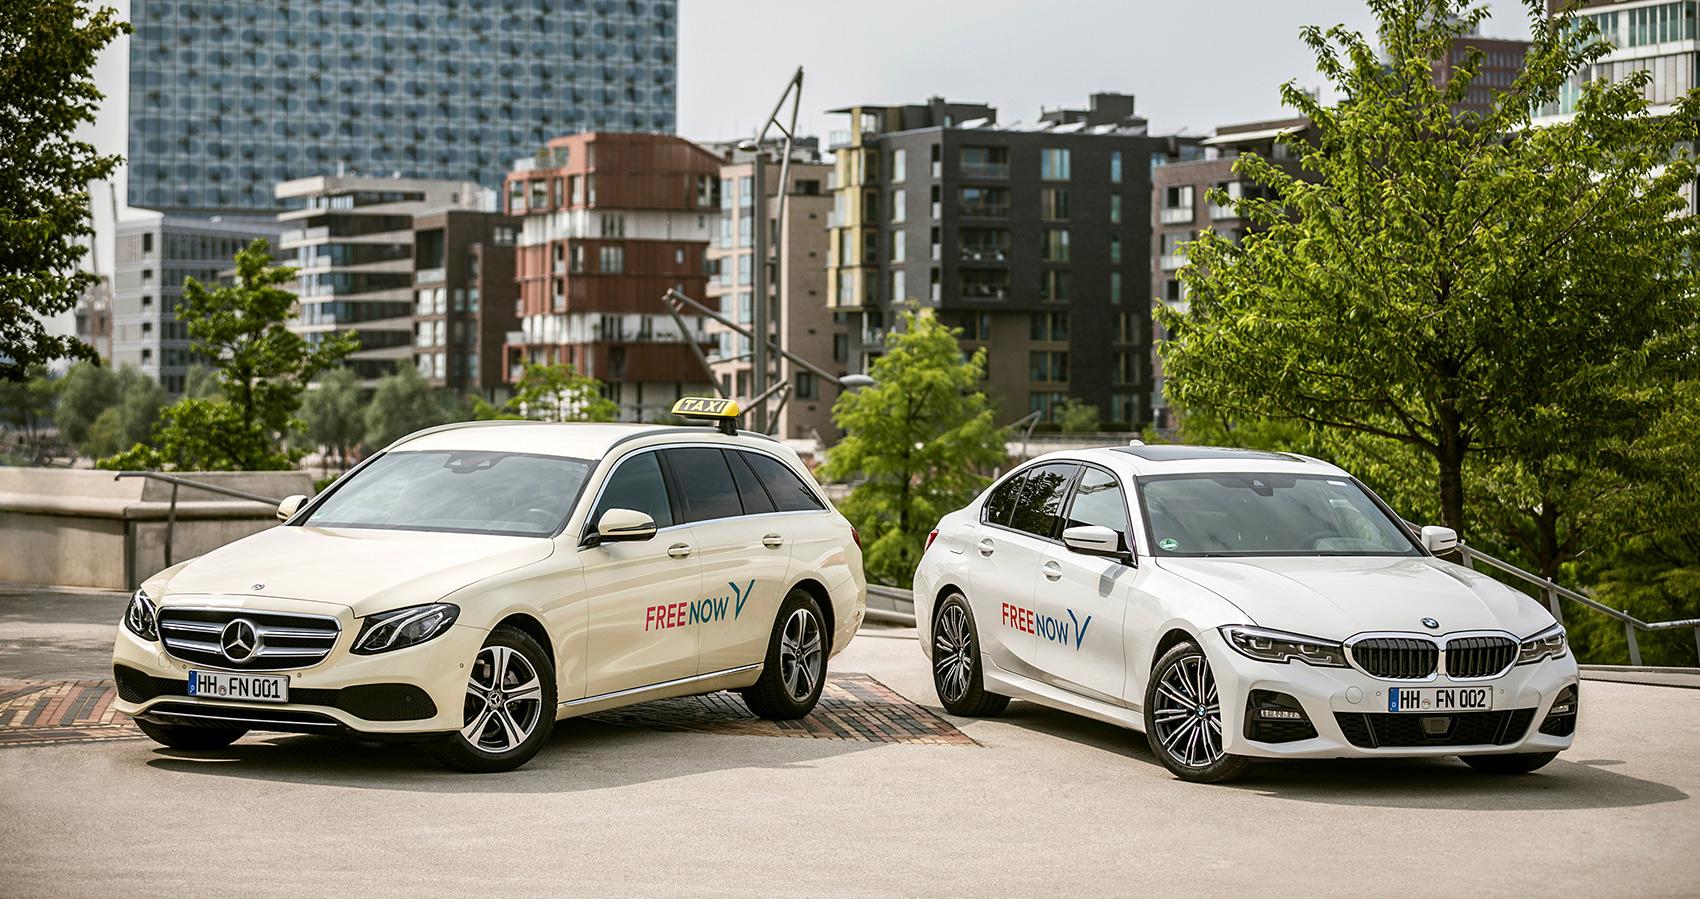 BMW og Mercedes samarbeider, og det gir millioner av nye kunder. (Alle foto: BMW/Daimler)